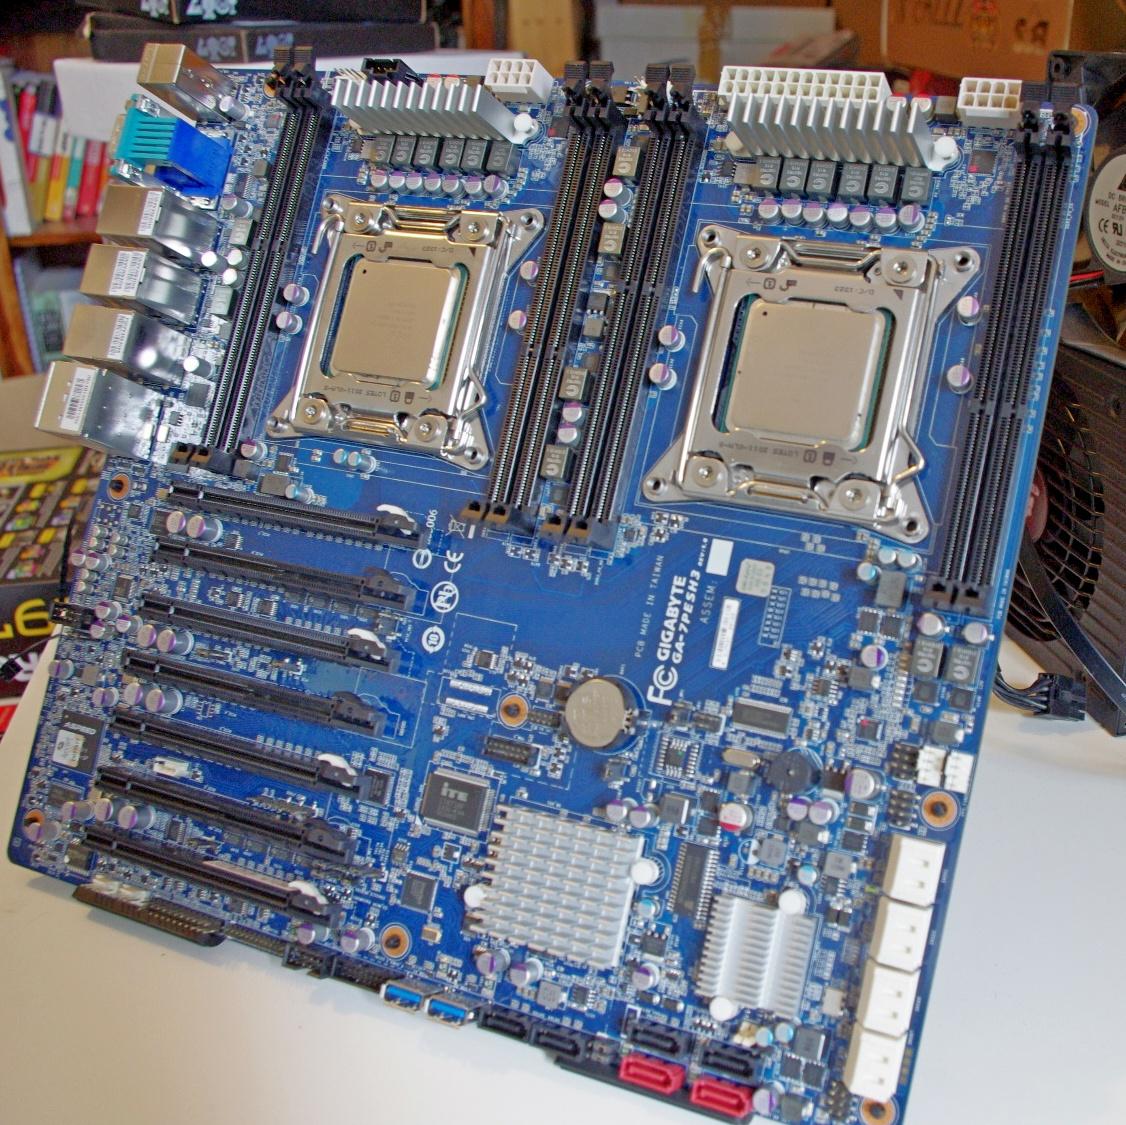 GIGABYTE Server GA-7PESH3 Motherboard Review